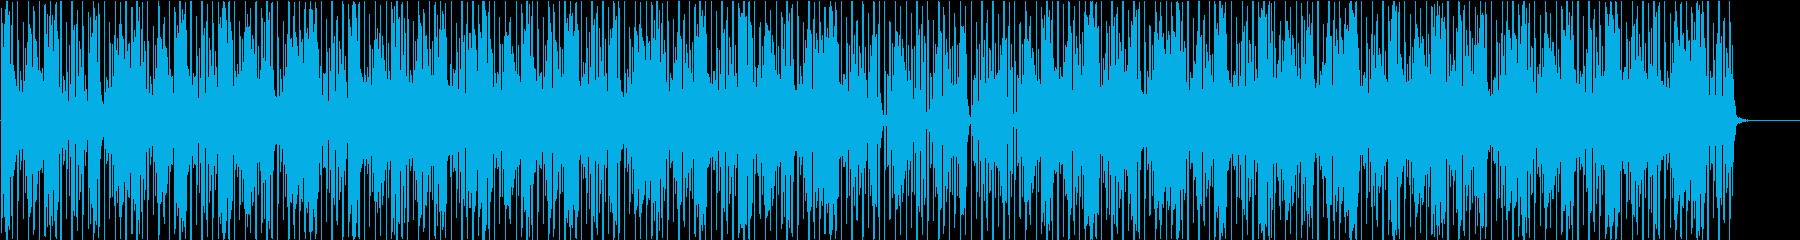 90年代アシッドジャズ風BGM(WAV)の再生済みの波形